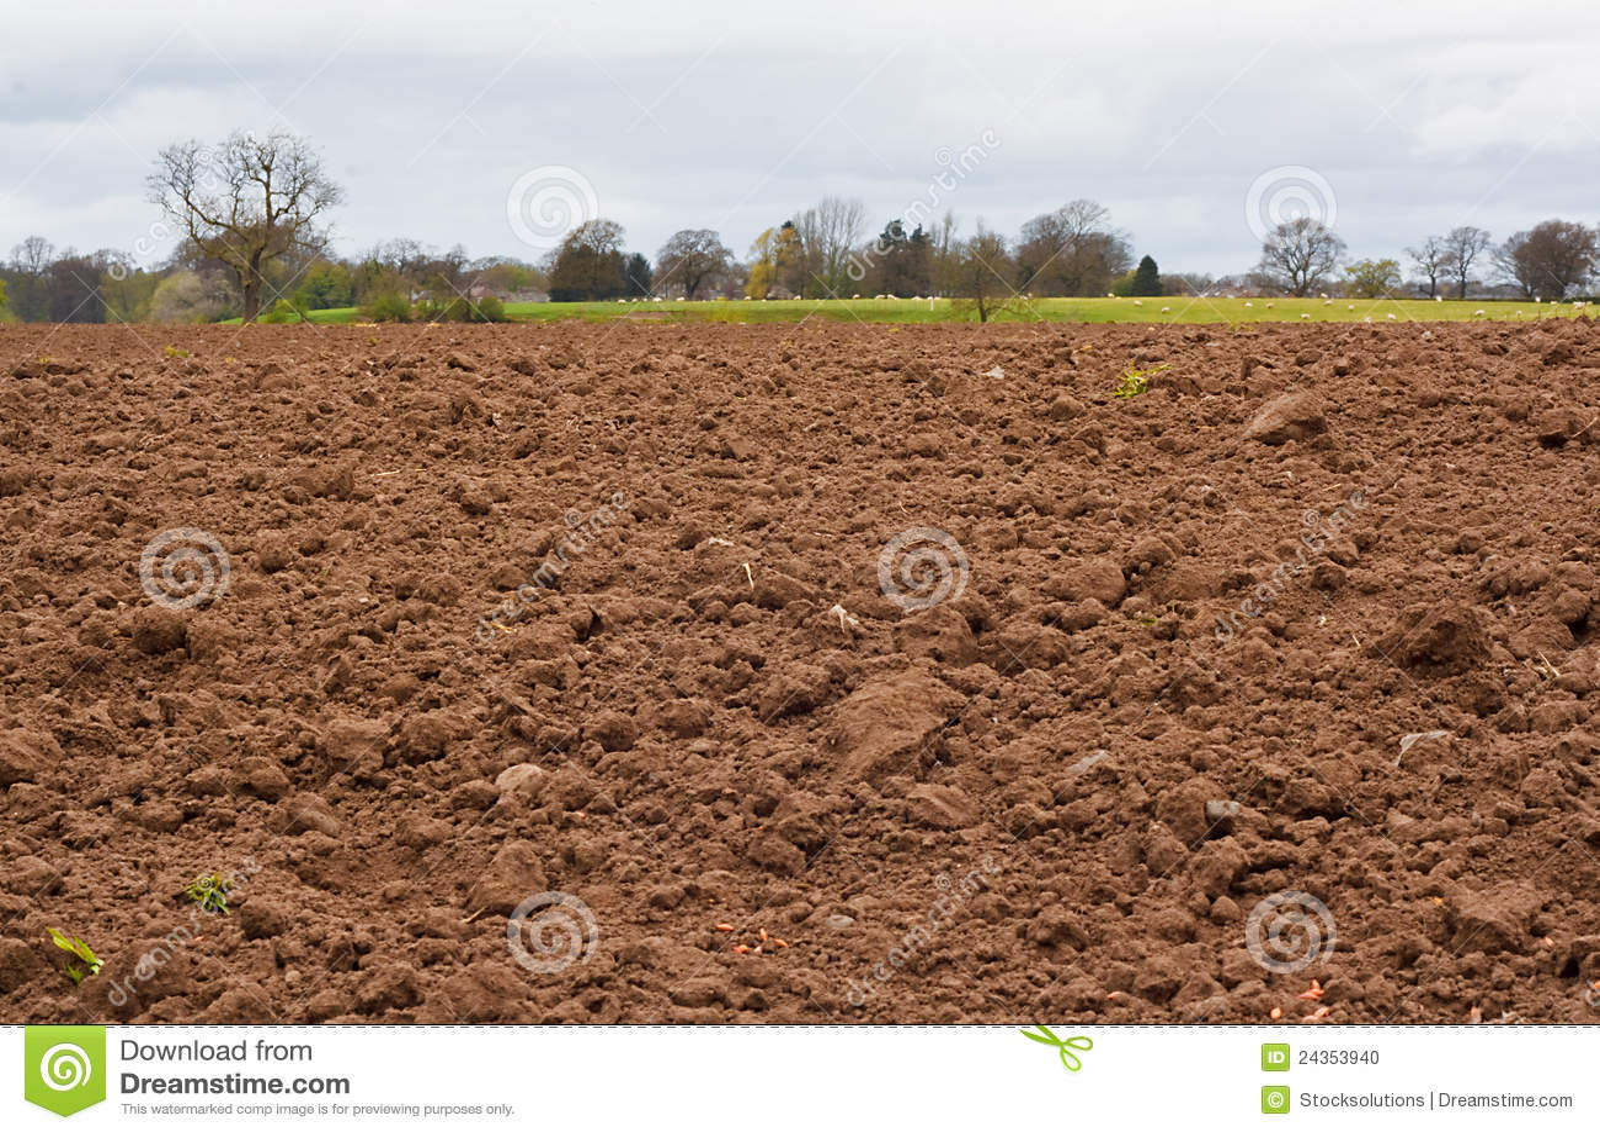 аграрное выкопанное поле свеже